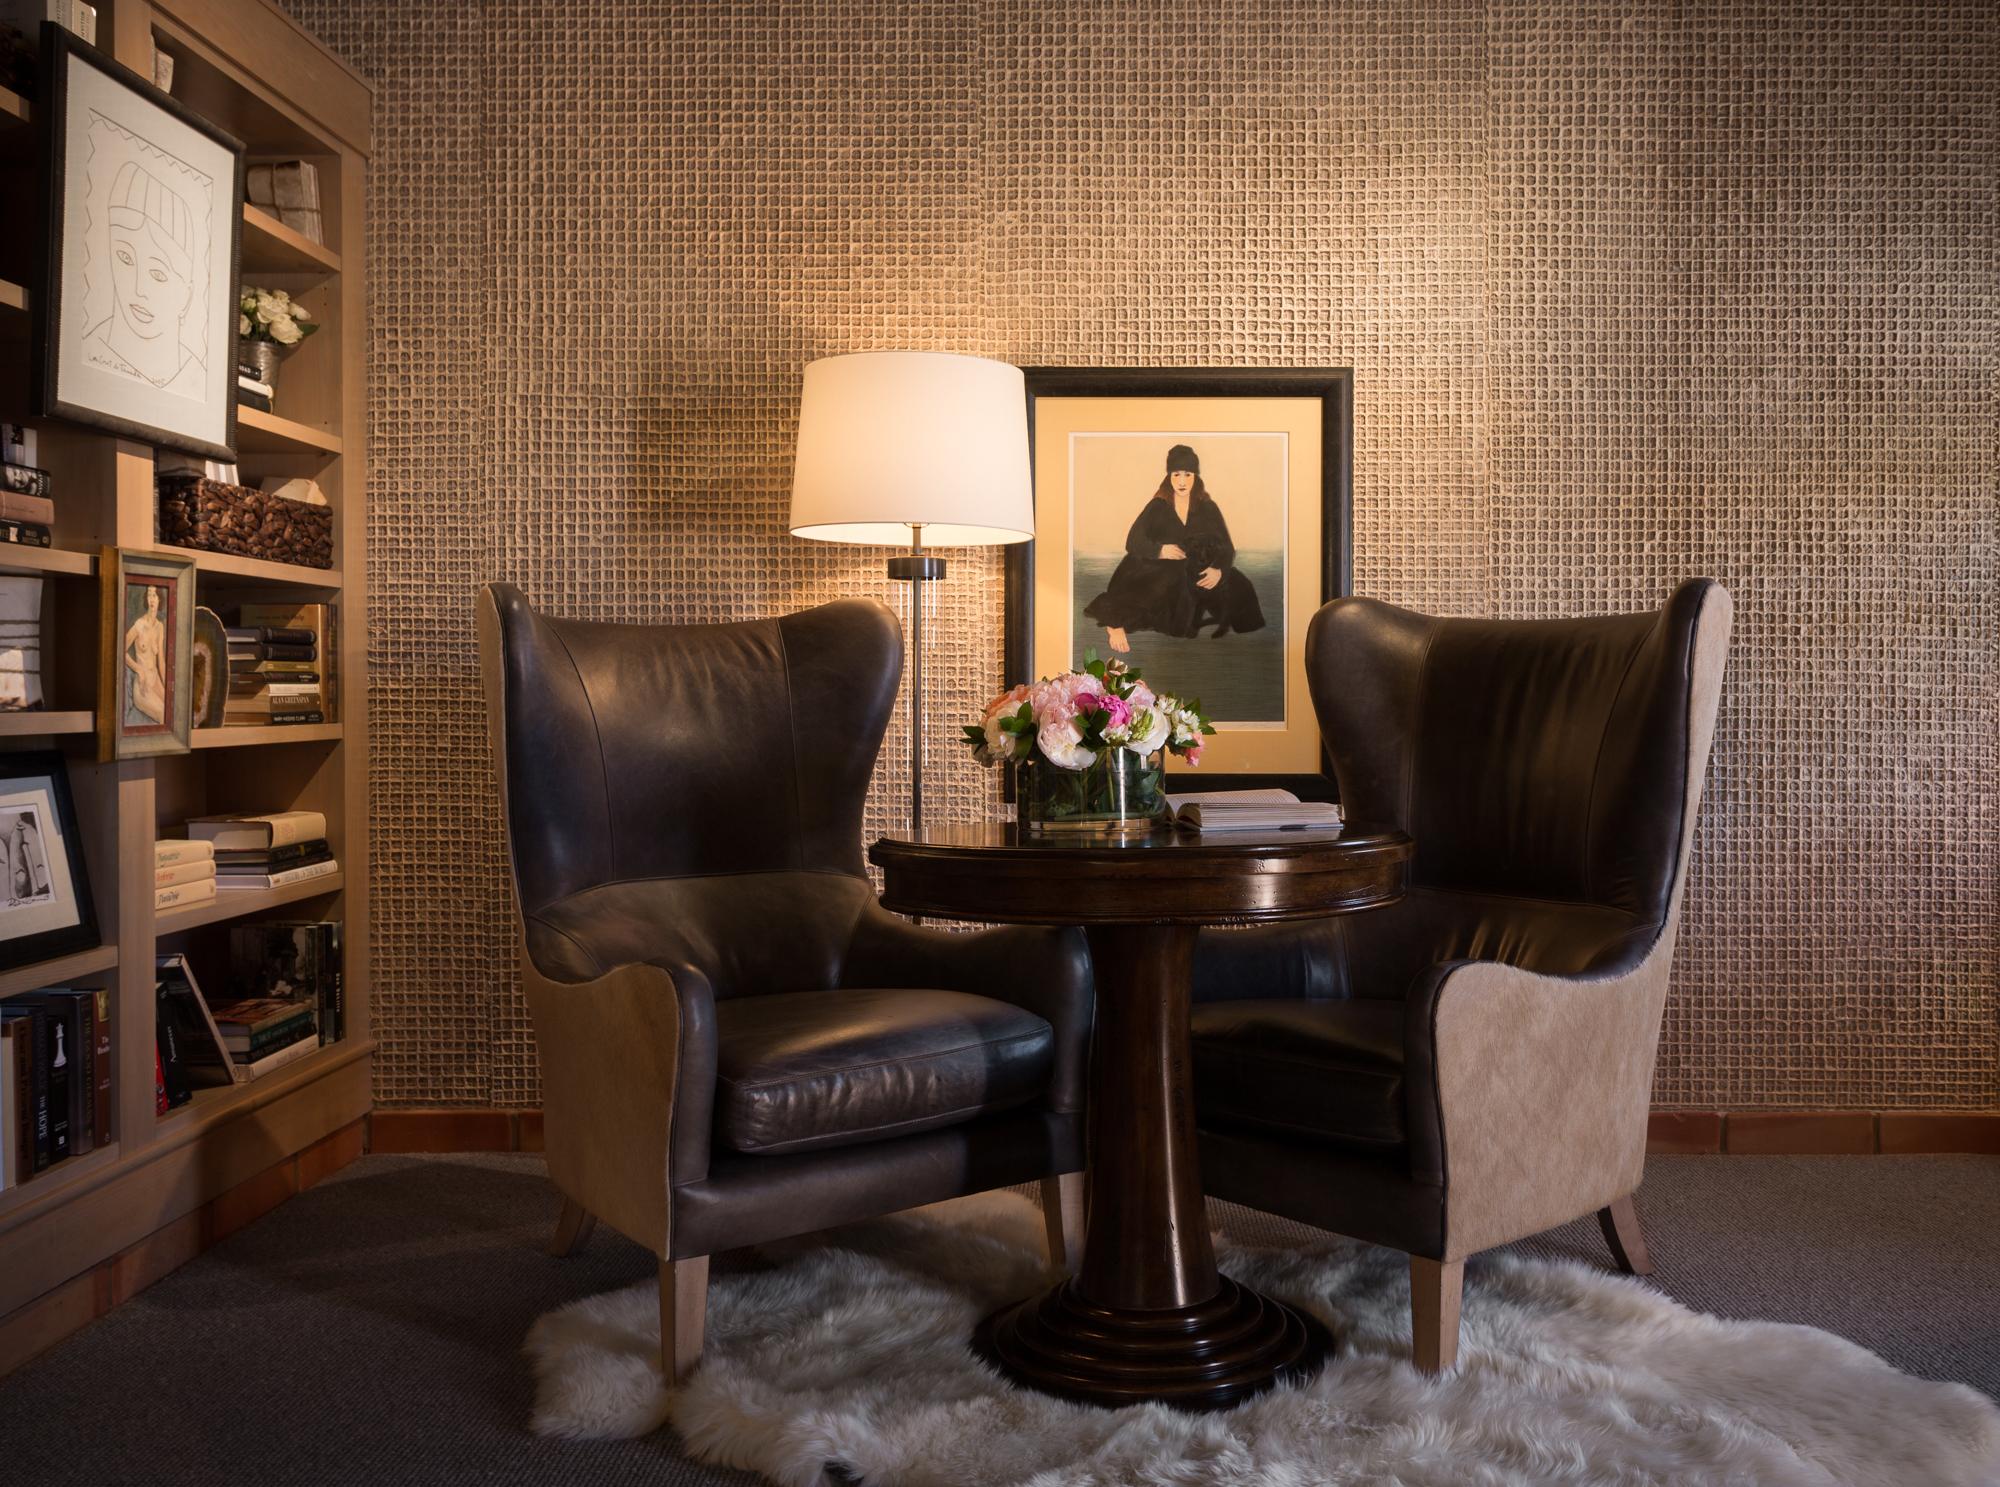 luxury interior design, Santa Fe, Aspen